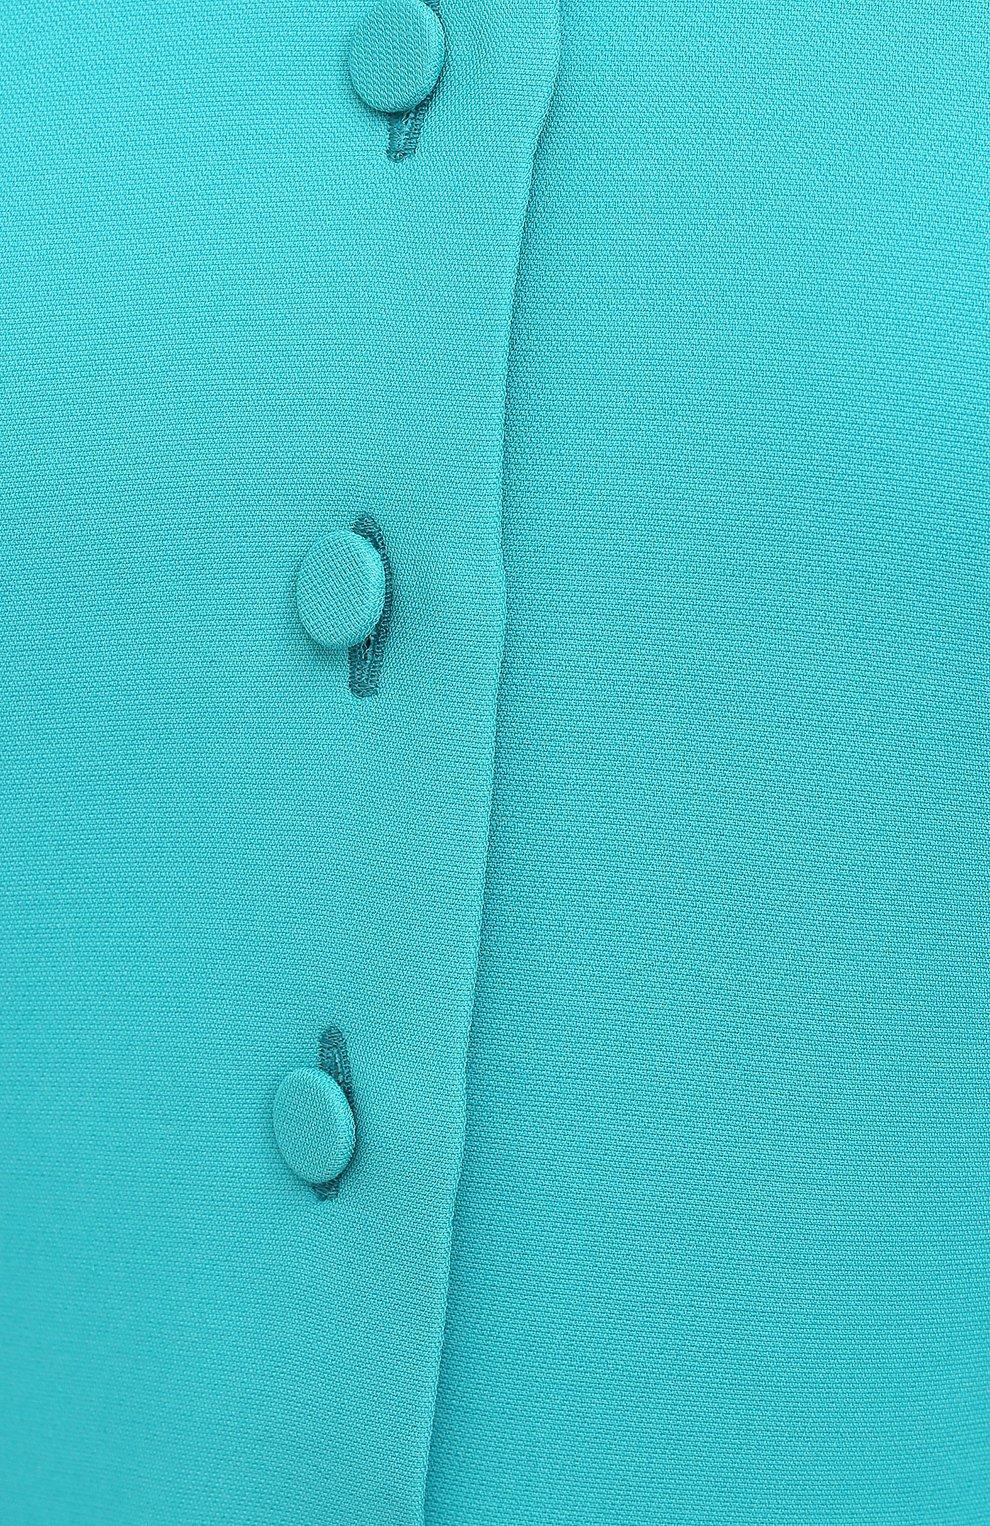 Женское платье из шелка и шерсти GUCCI бирюзового цвета, арт. 649568/ZAD88 | Фото 5 (Материал внешний: Шерсть, Шелк; Рукава: Короткие; Случай: Повседневный; Материал подклада: Синтетический материал; Длина Ж (юбки, платья, шорты): До колена; Женское Кросс-КТ: Платье-одежда; Стили: Кэжуэл)